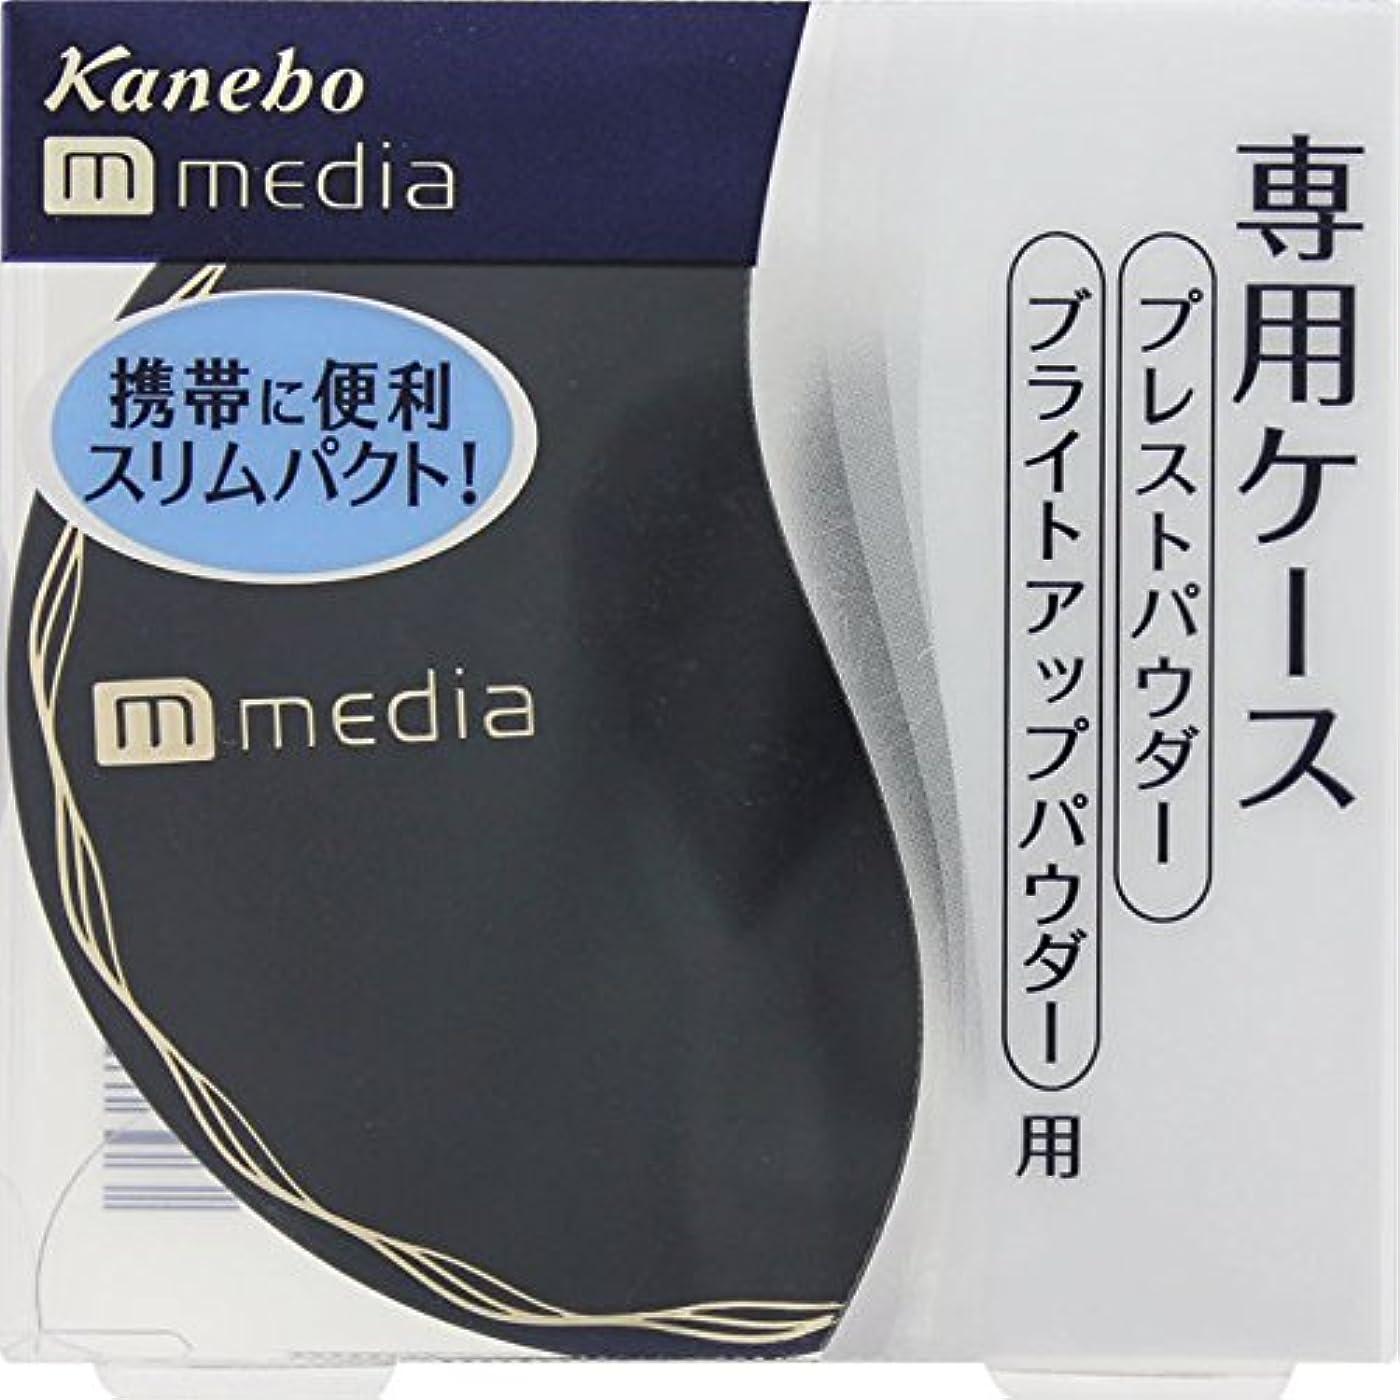 抽象化ナインへトラフカネボウ(Kanebo) メディア プレストパウダー用ケース